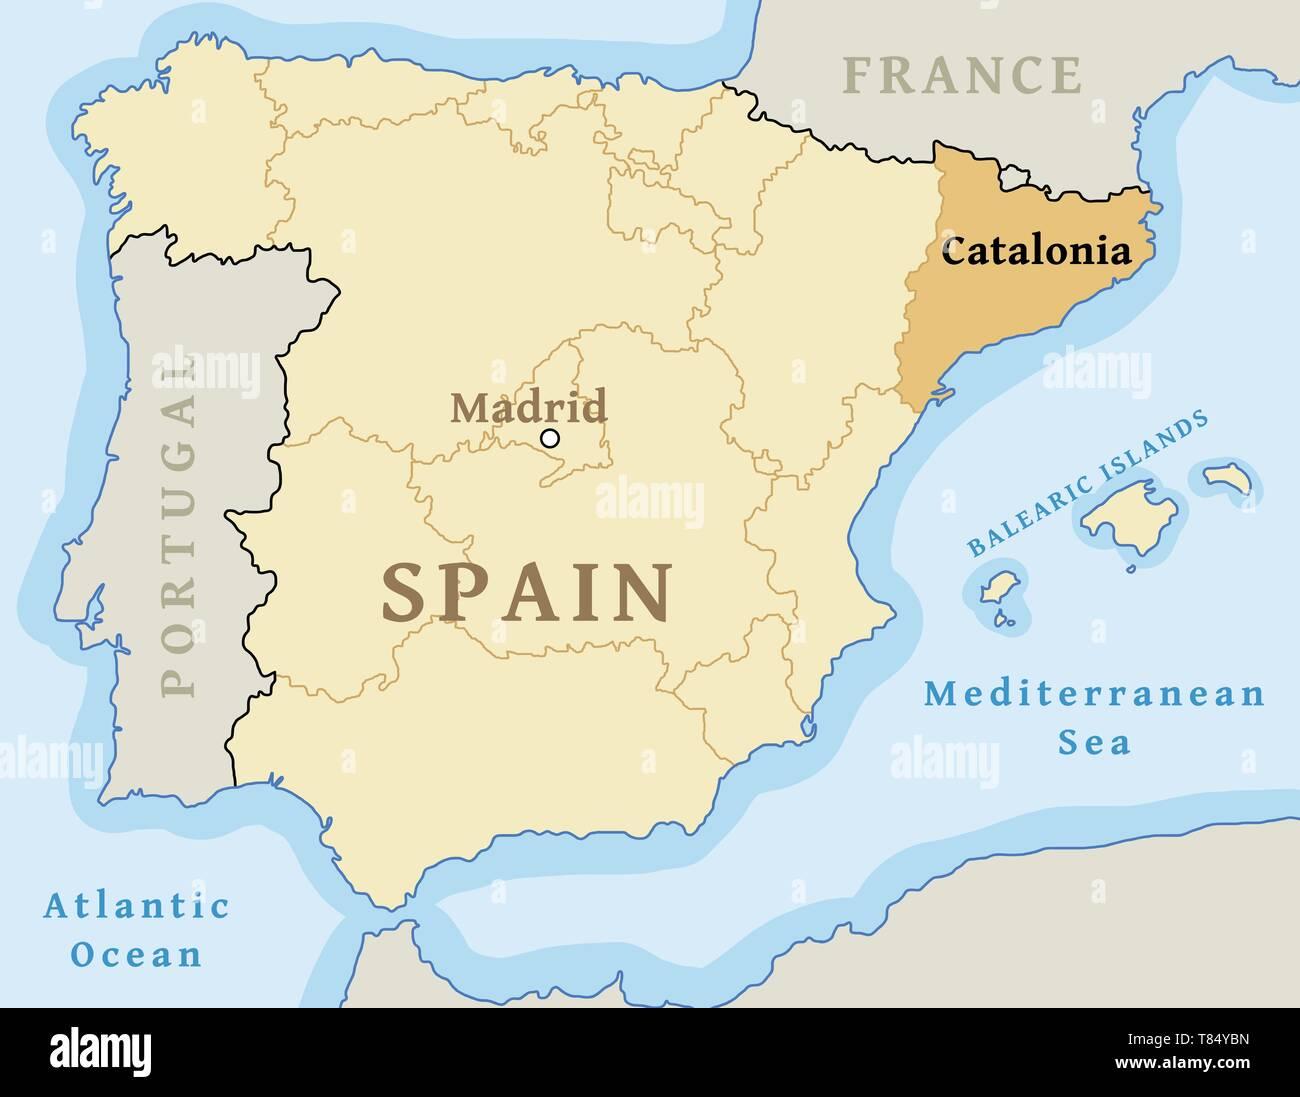 Cartina Della Spagna Geografica.Catalogna Cartina Immagini E Fotos Stock Alamy